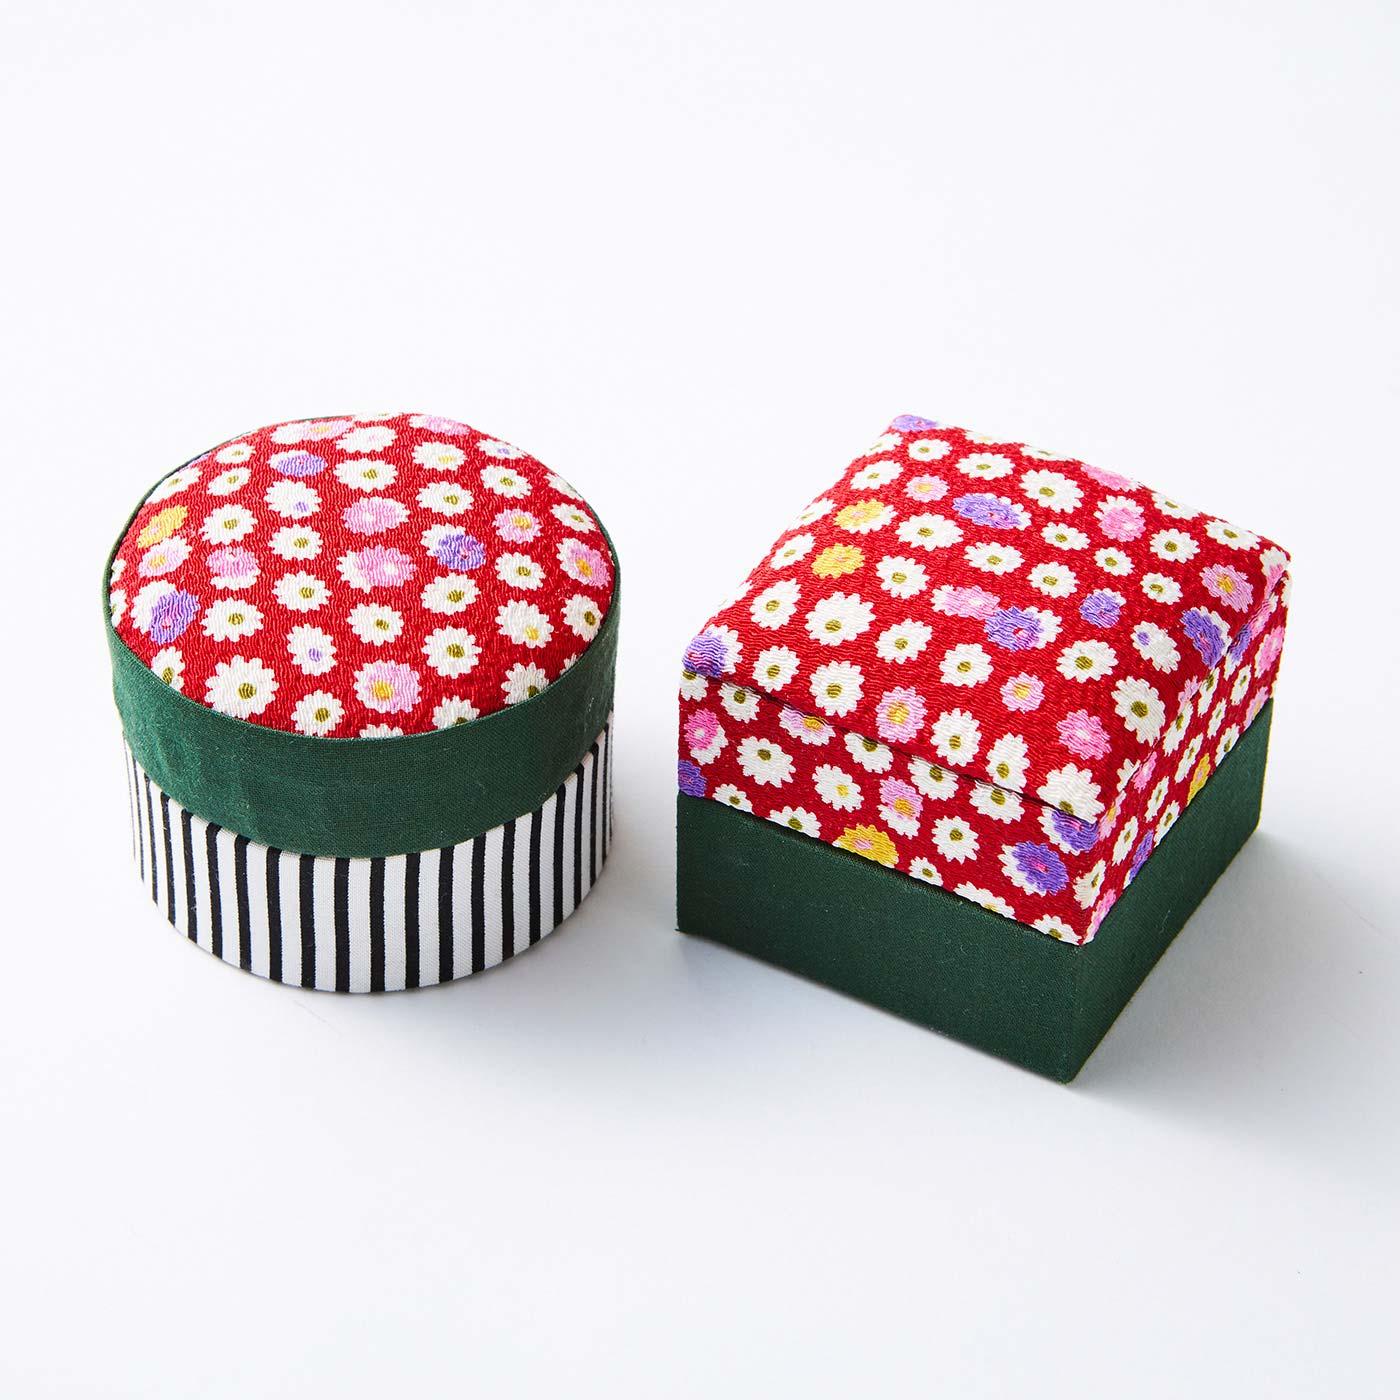 小さな丸箱と角箱(閉じた状態)